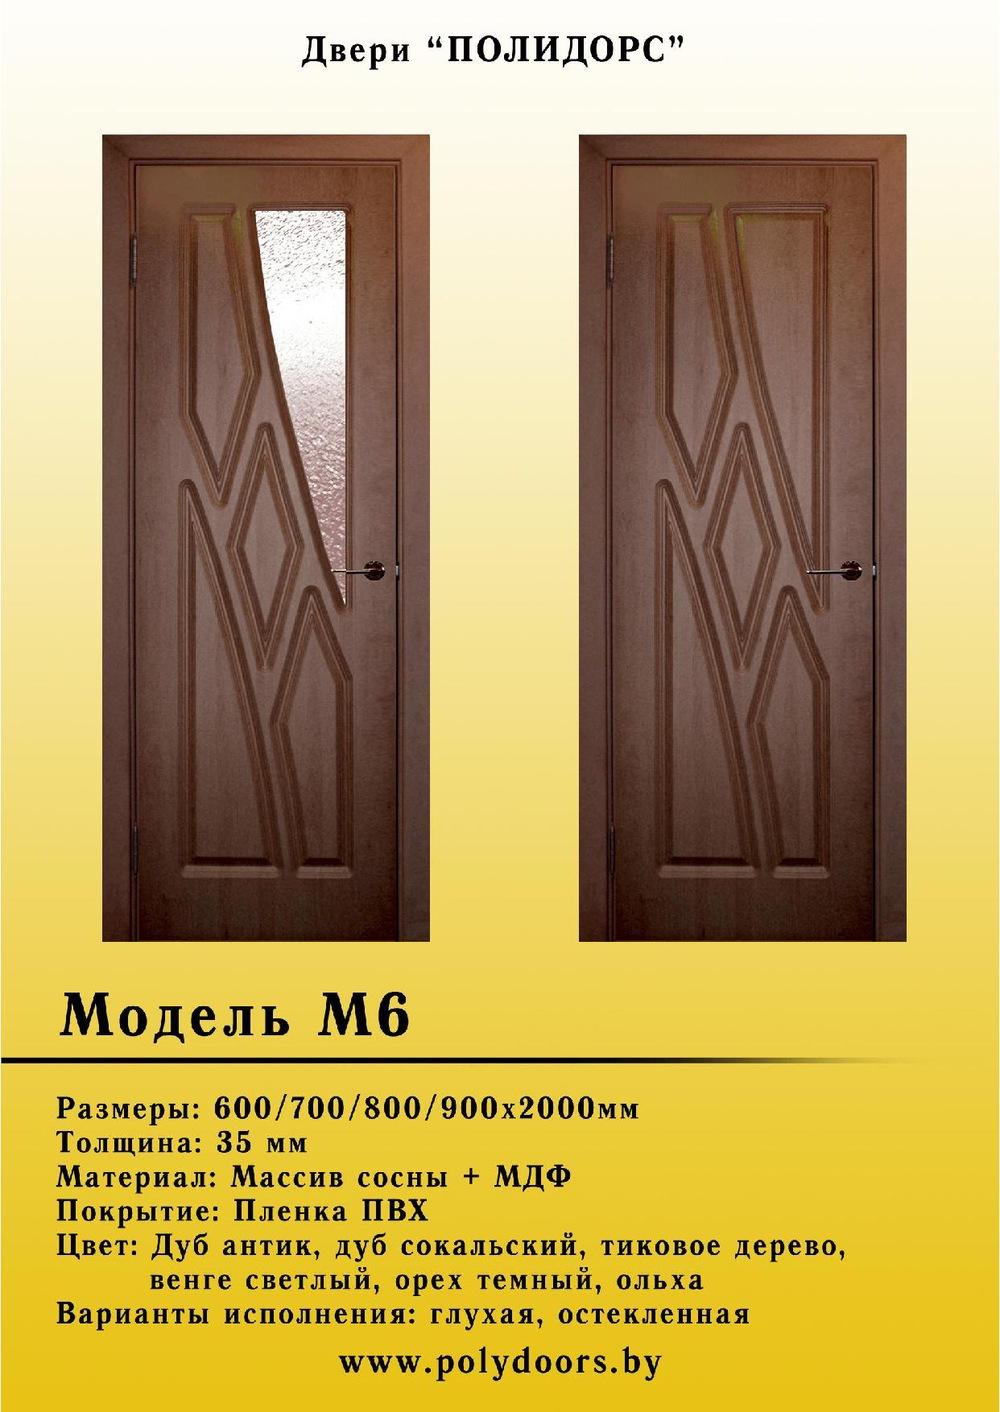 купить металлическую дверь 2300 х 900